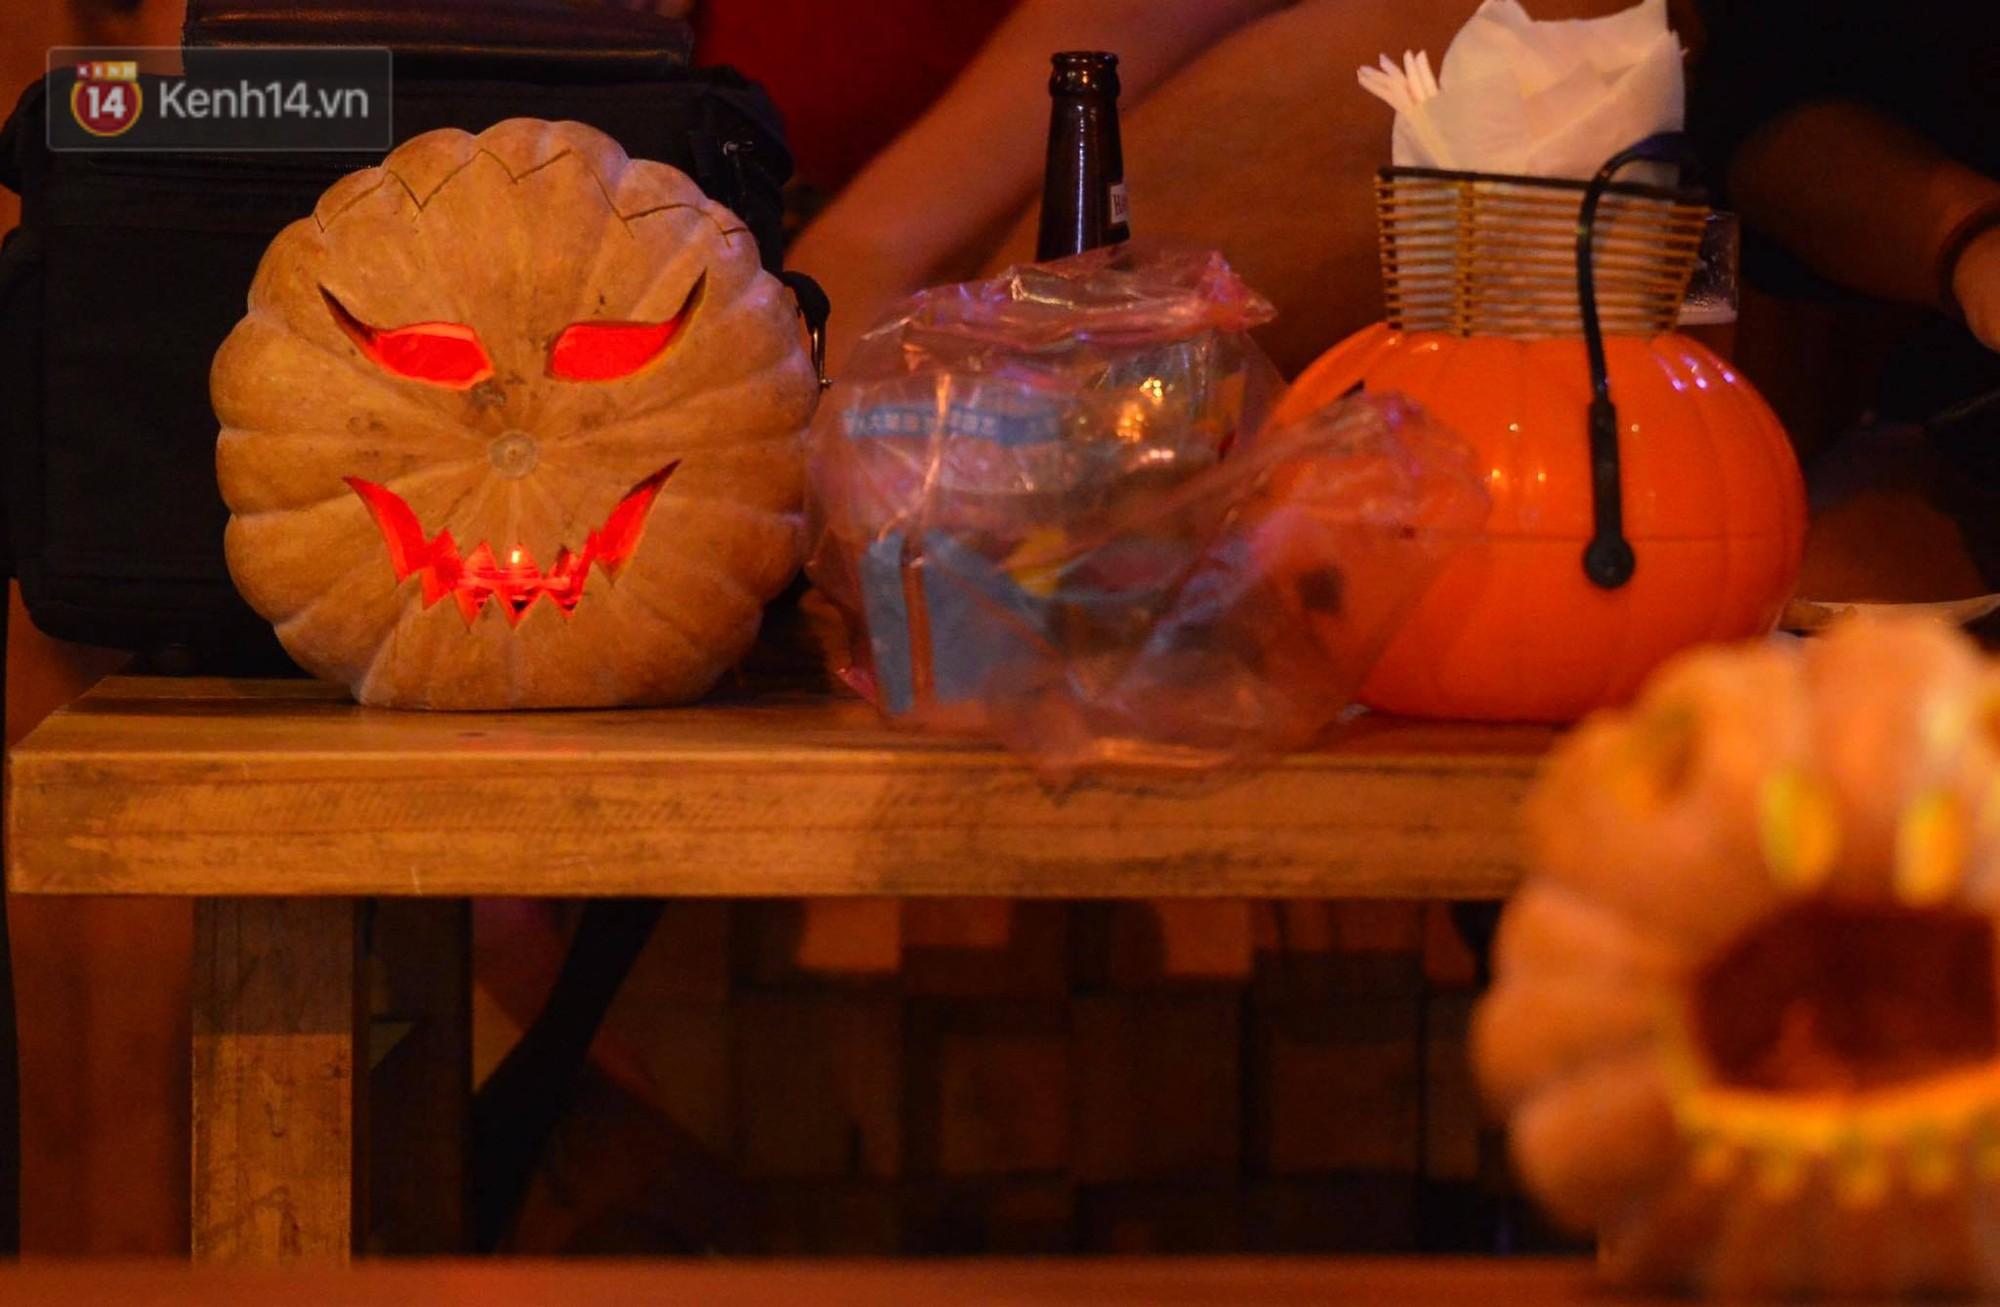 Chùm ảnh: Chị Valak cùng các thây ma đã dạo chơi phố Tây Hà Nội dù 3 ngày nữa mới tới Halloween - Ảnh 5.